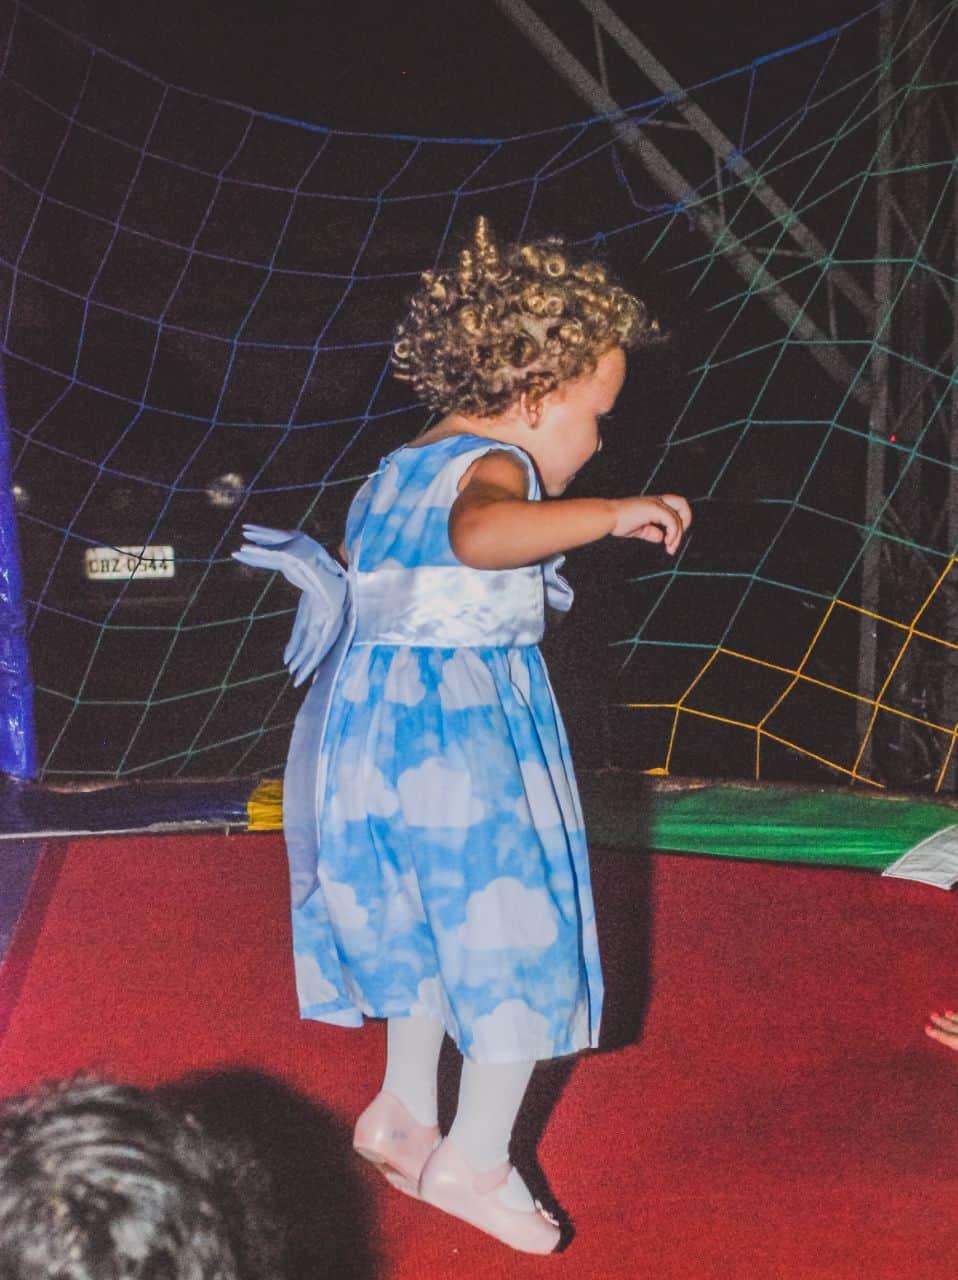 vestido nuvem Elas vestem vestidos infantil de festa Ana Giovanna